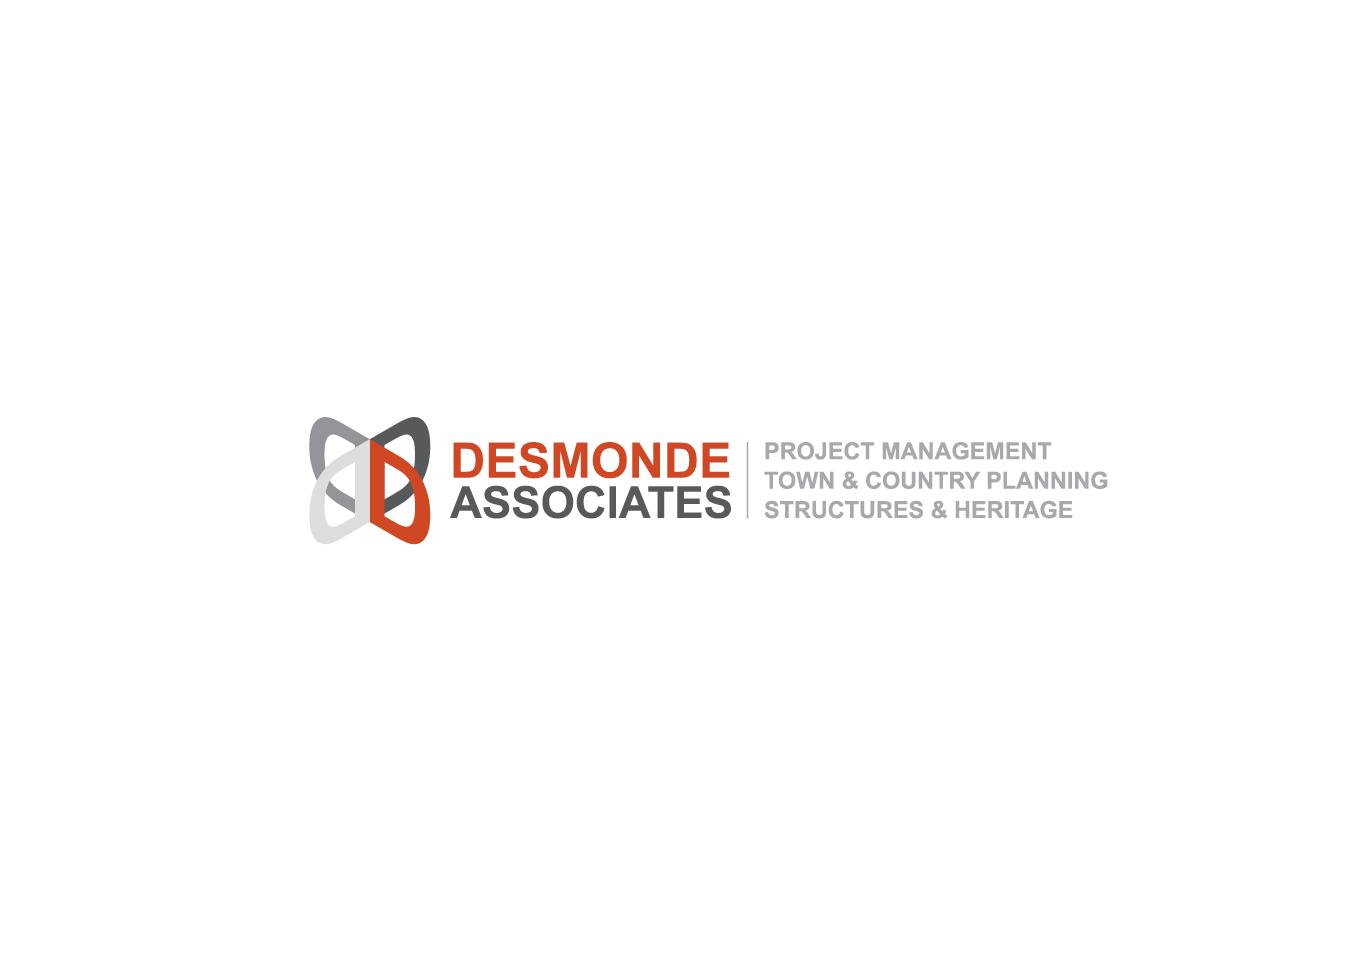 Logo Design For Desmonde Associates